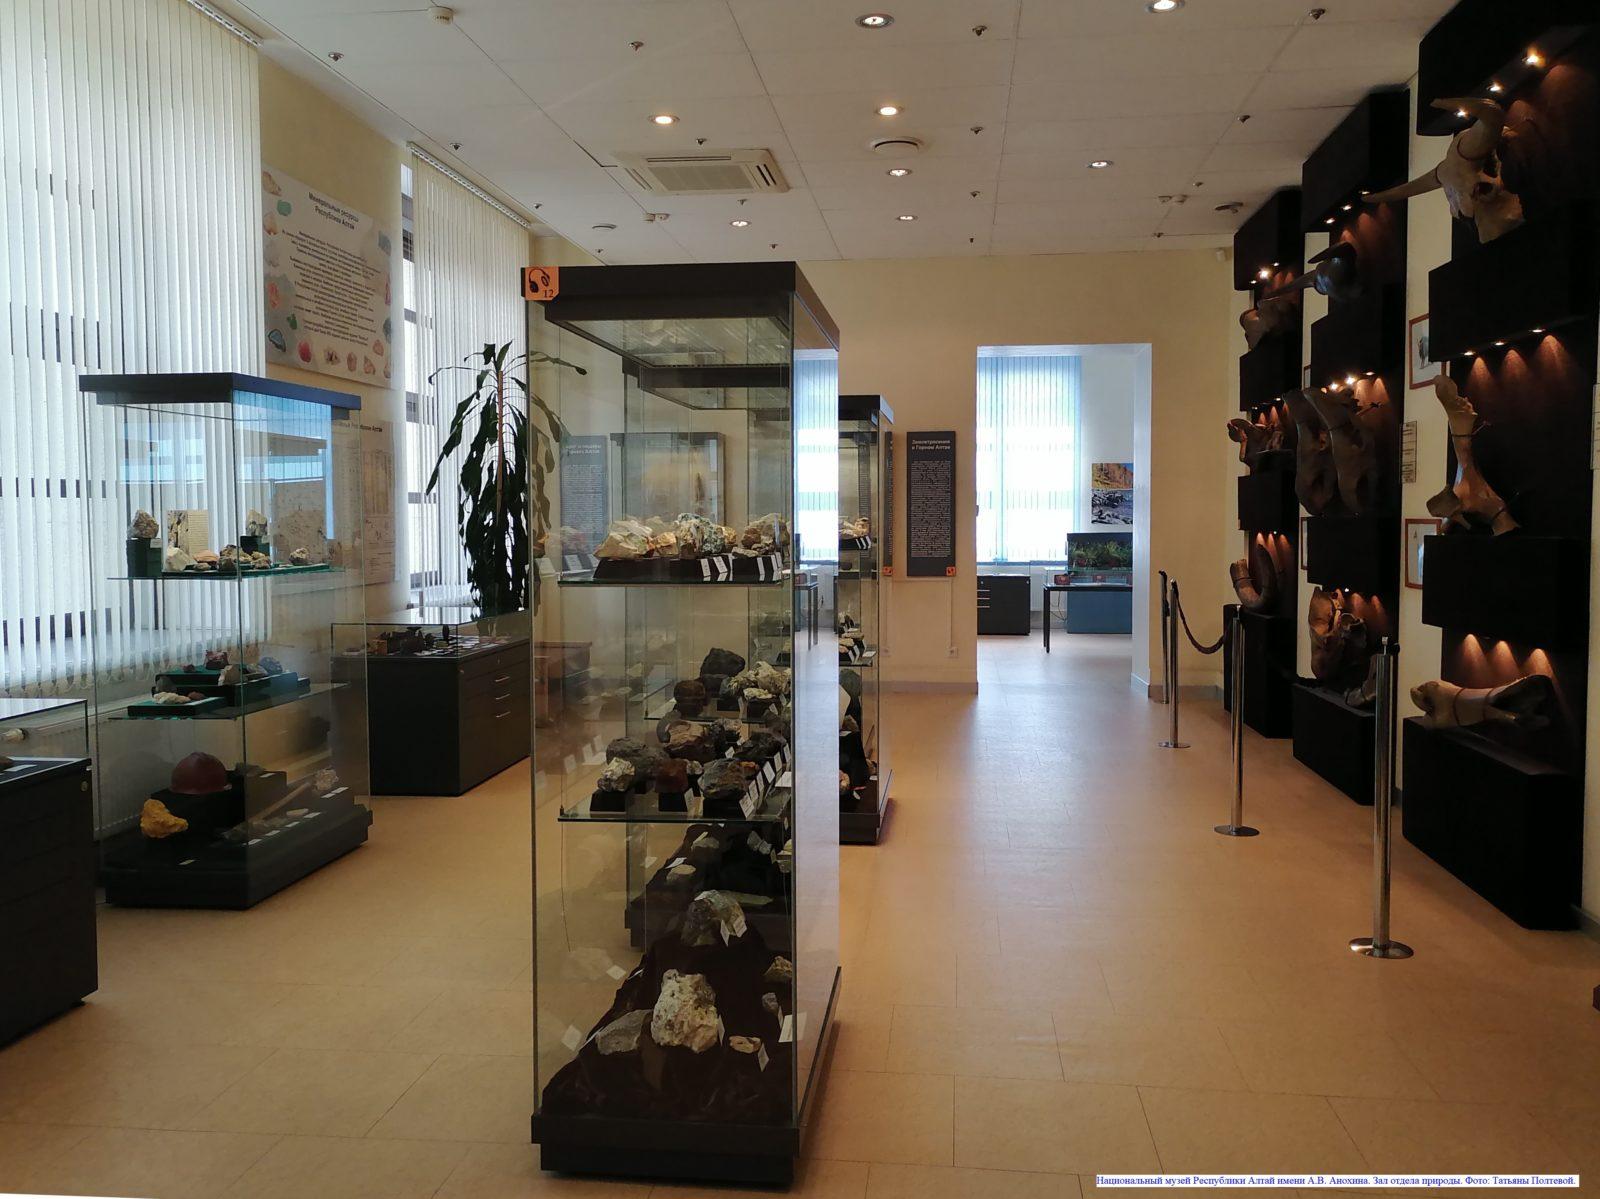 Национальный музей Республики Алтай имени А.В. Анохина. Зал отдела природы.